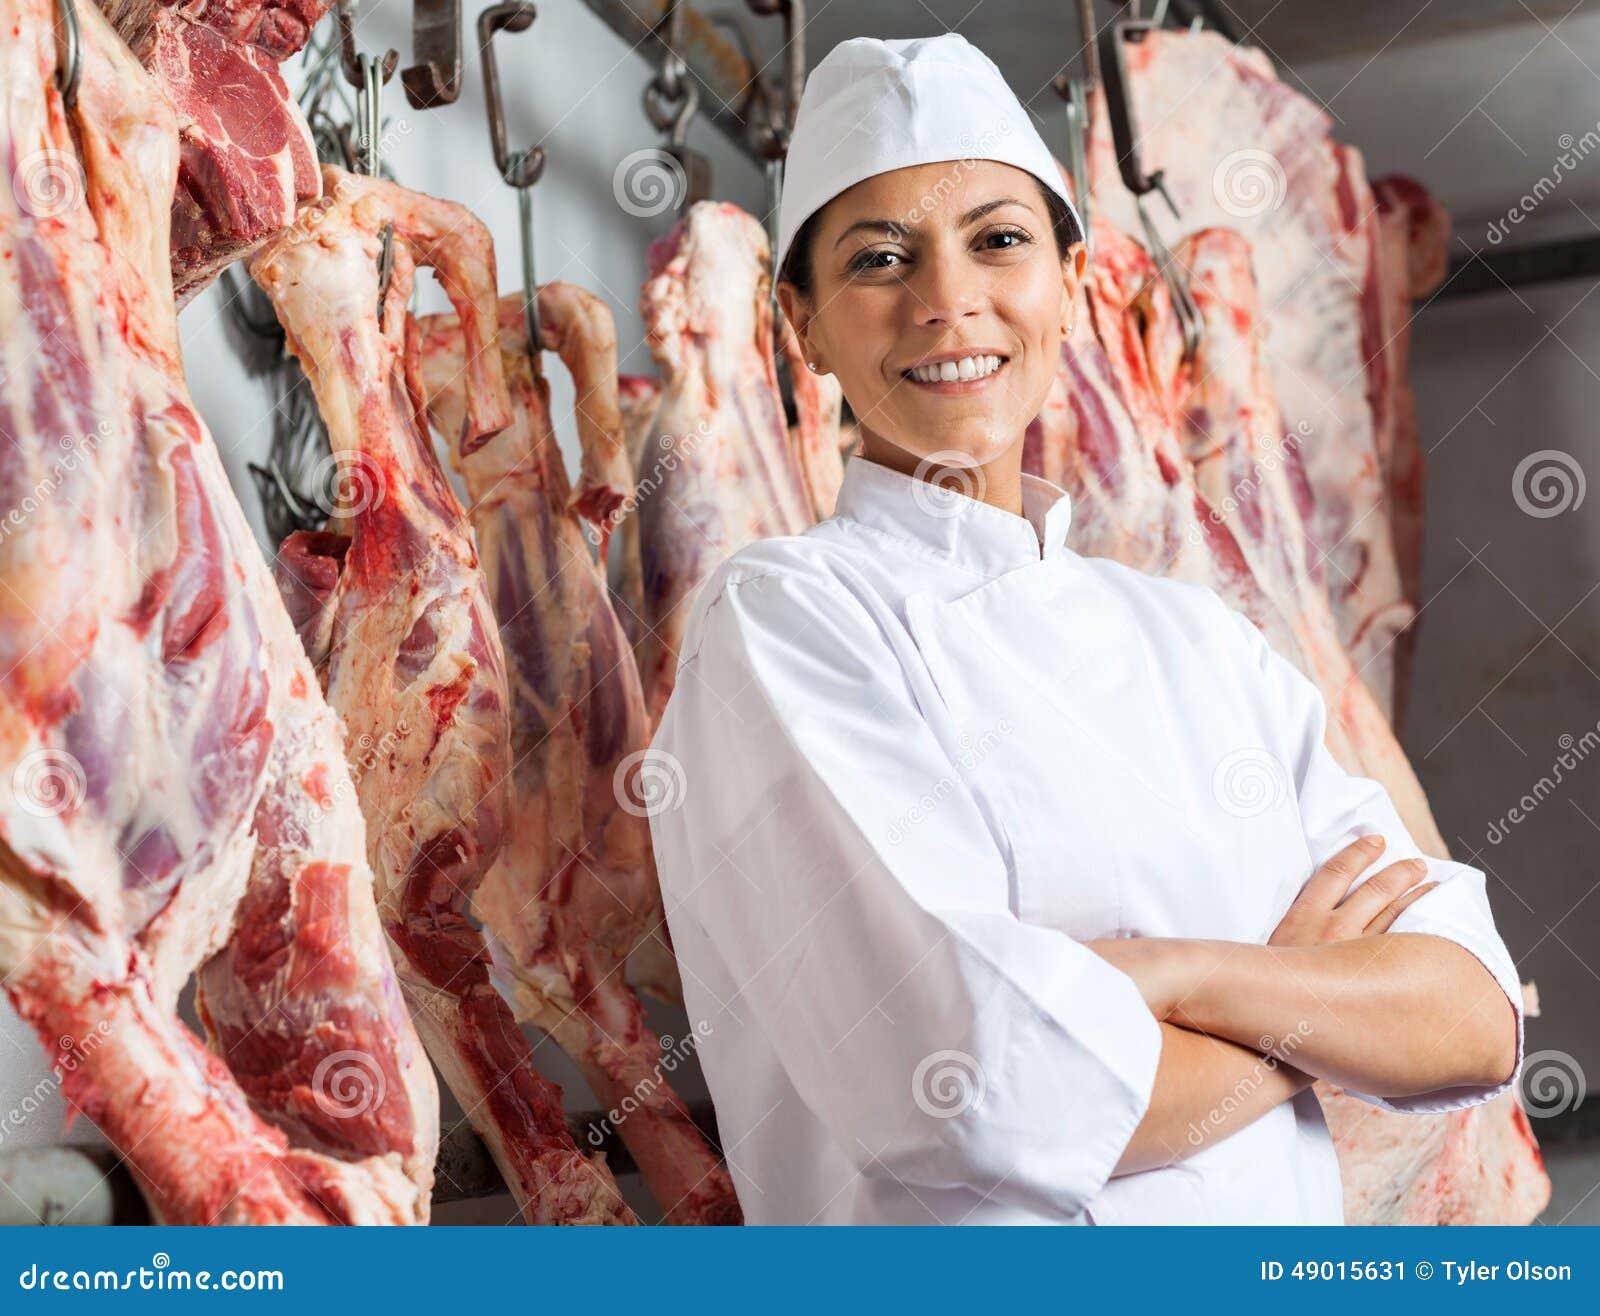 Lycklig kvinnlig slaktare In Slaughterhouse